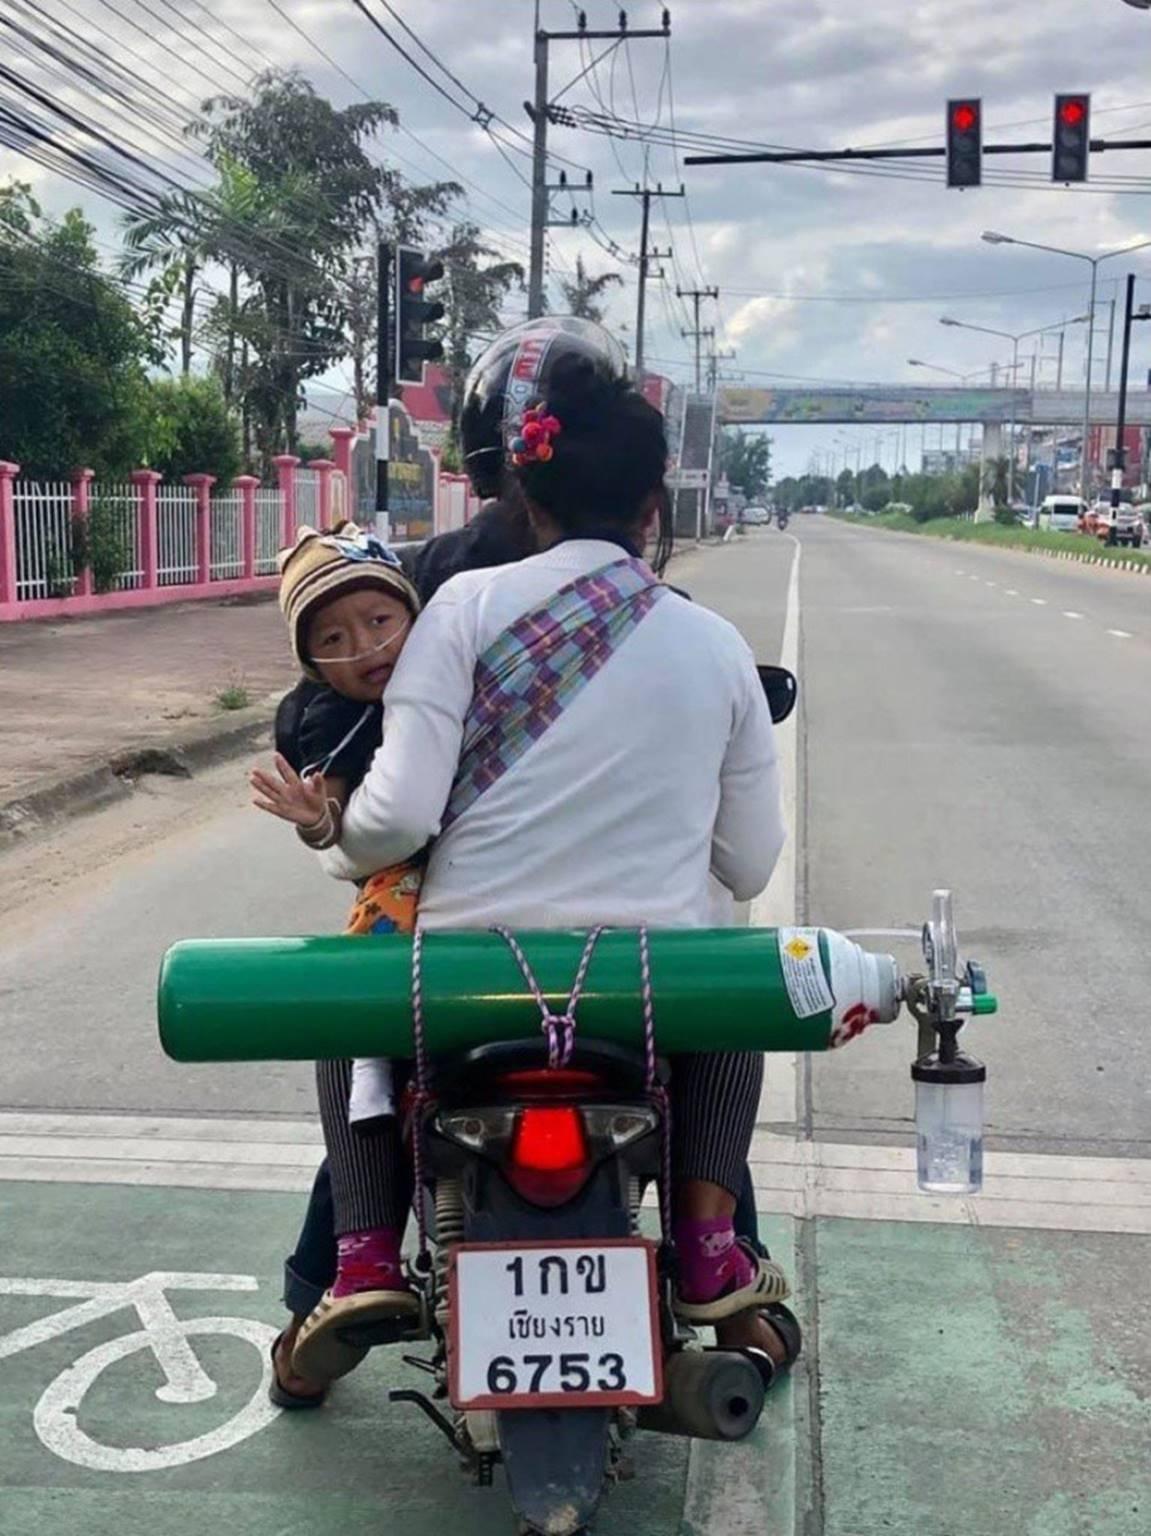 Có gì bằng tình cha nghĩa mẹ: 2 ngày 1 lần, cặp vợ chồng lại đi xe máy 120km đổi bình oxy để giữ mạng cho con-1